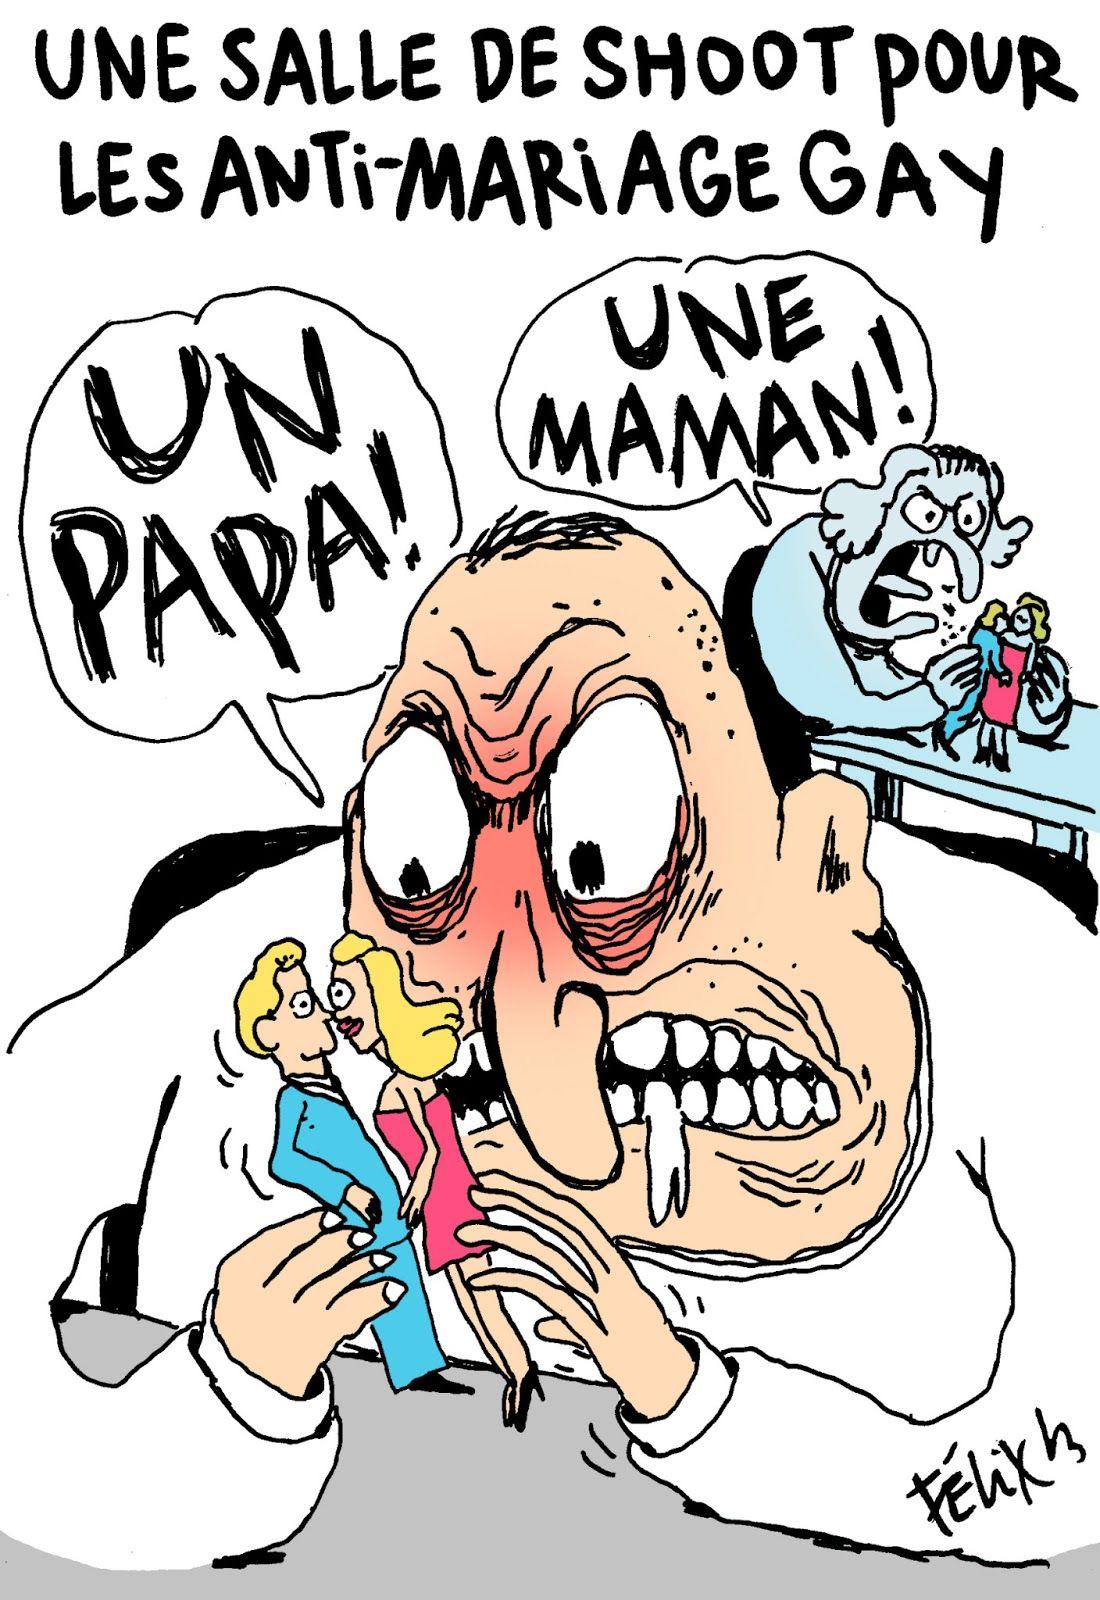 http://juralib.noblogs.org/files/2013/05/012.jpg